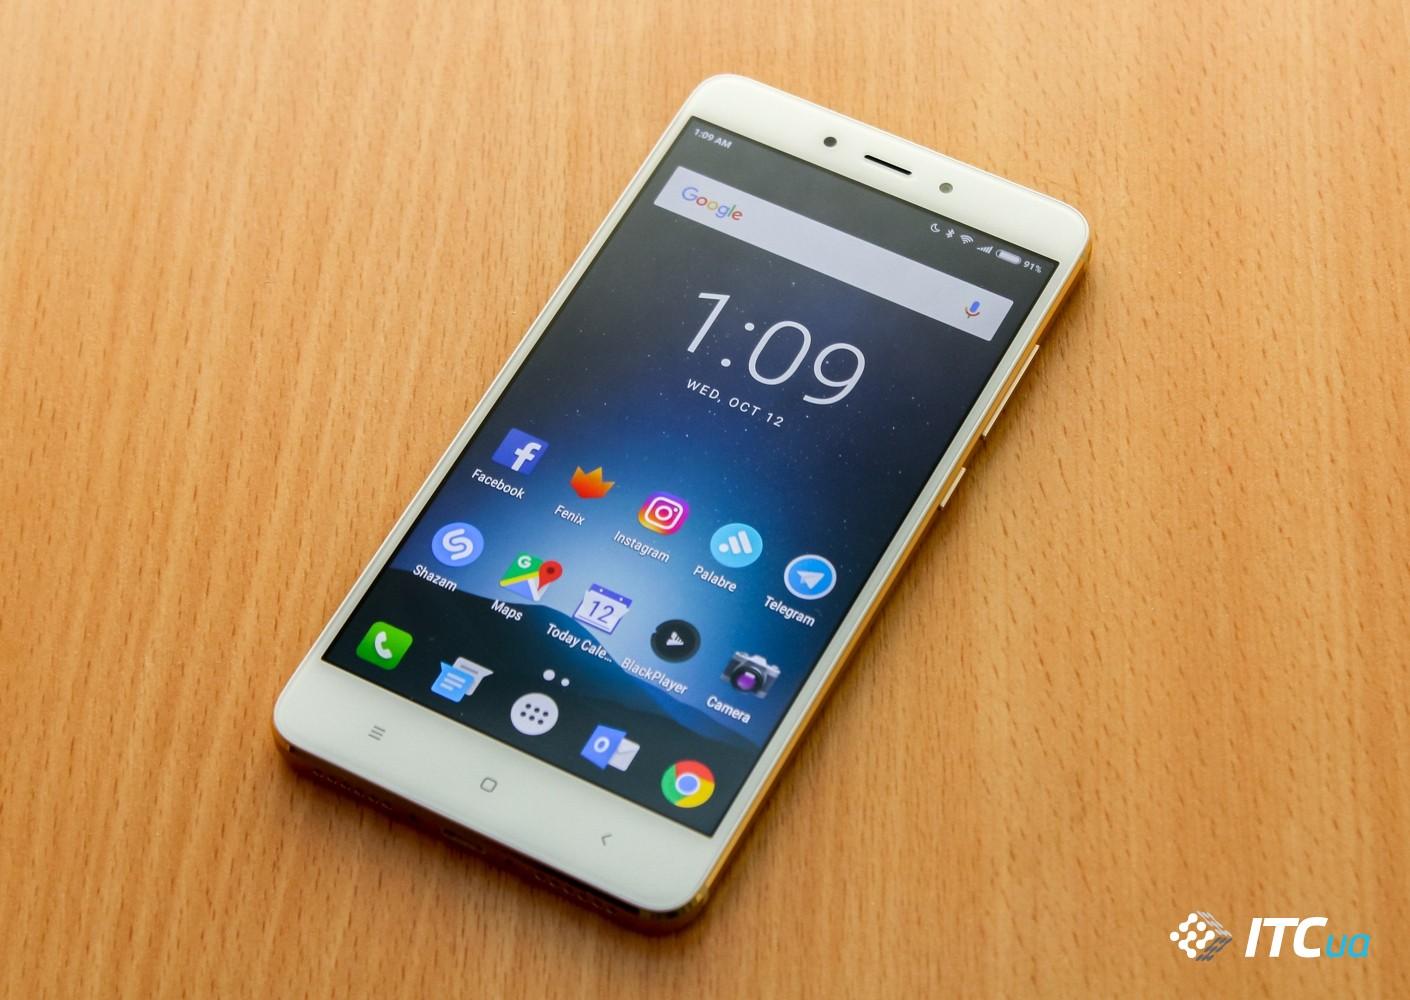 Xiaomi redmi 2 батарея размеры очки гуглес как подключить к селфидрону спарк